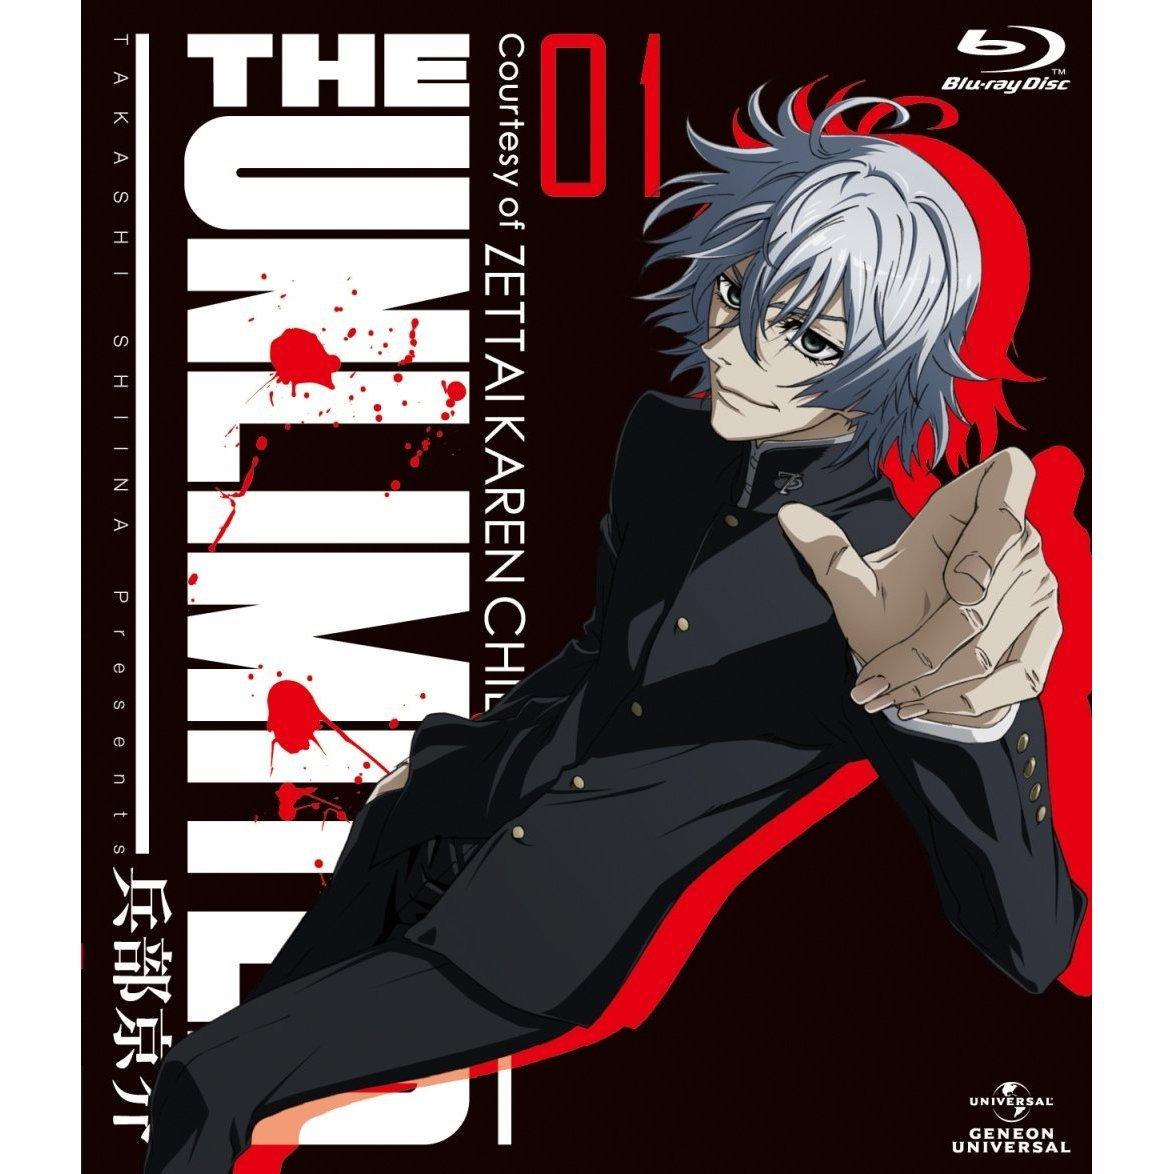 絶チルのダークヒーローが主人公『THE UNLIMITED 兵部京介』